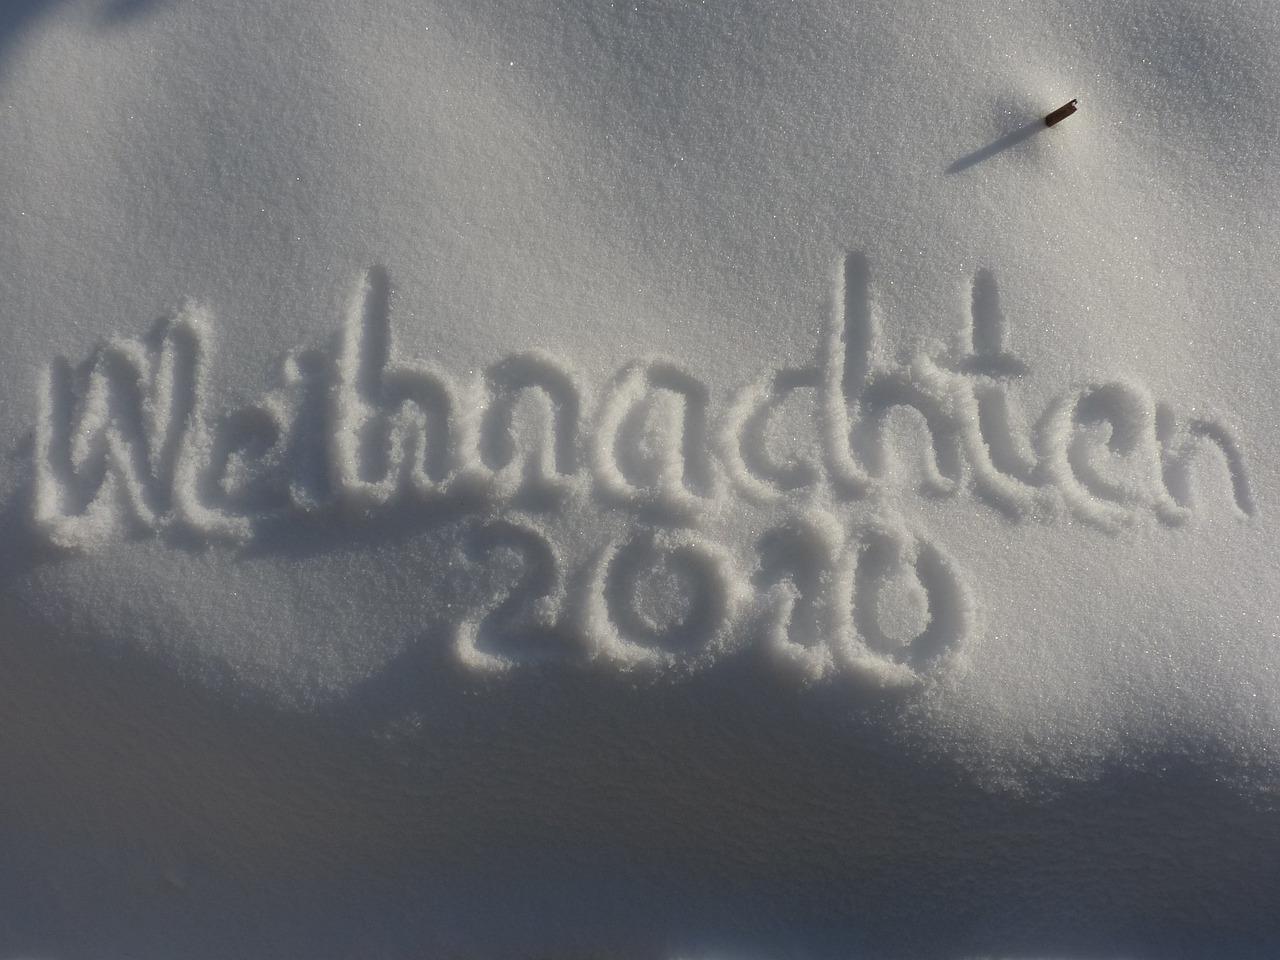 Ночи, снег картинка с надписью